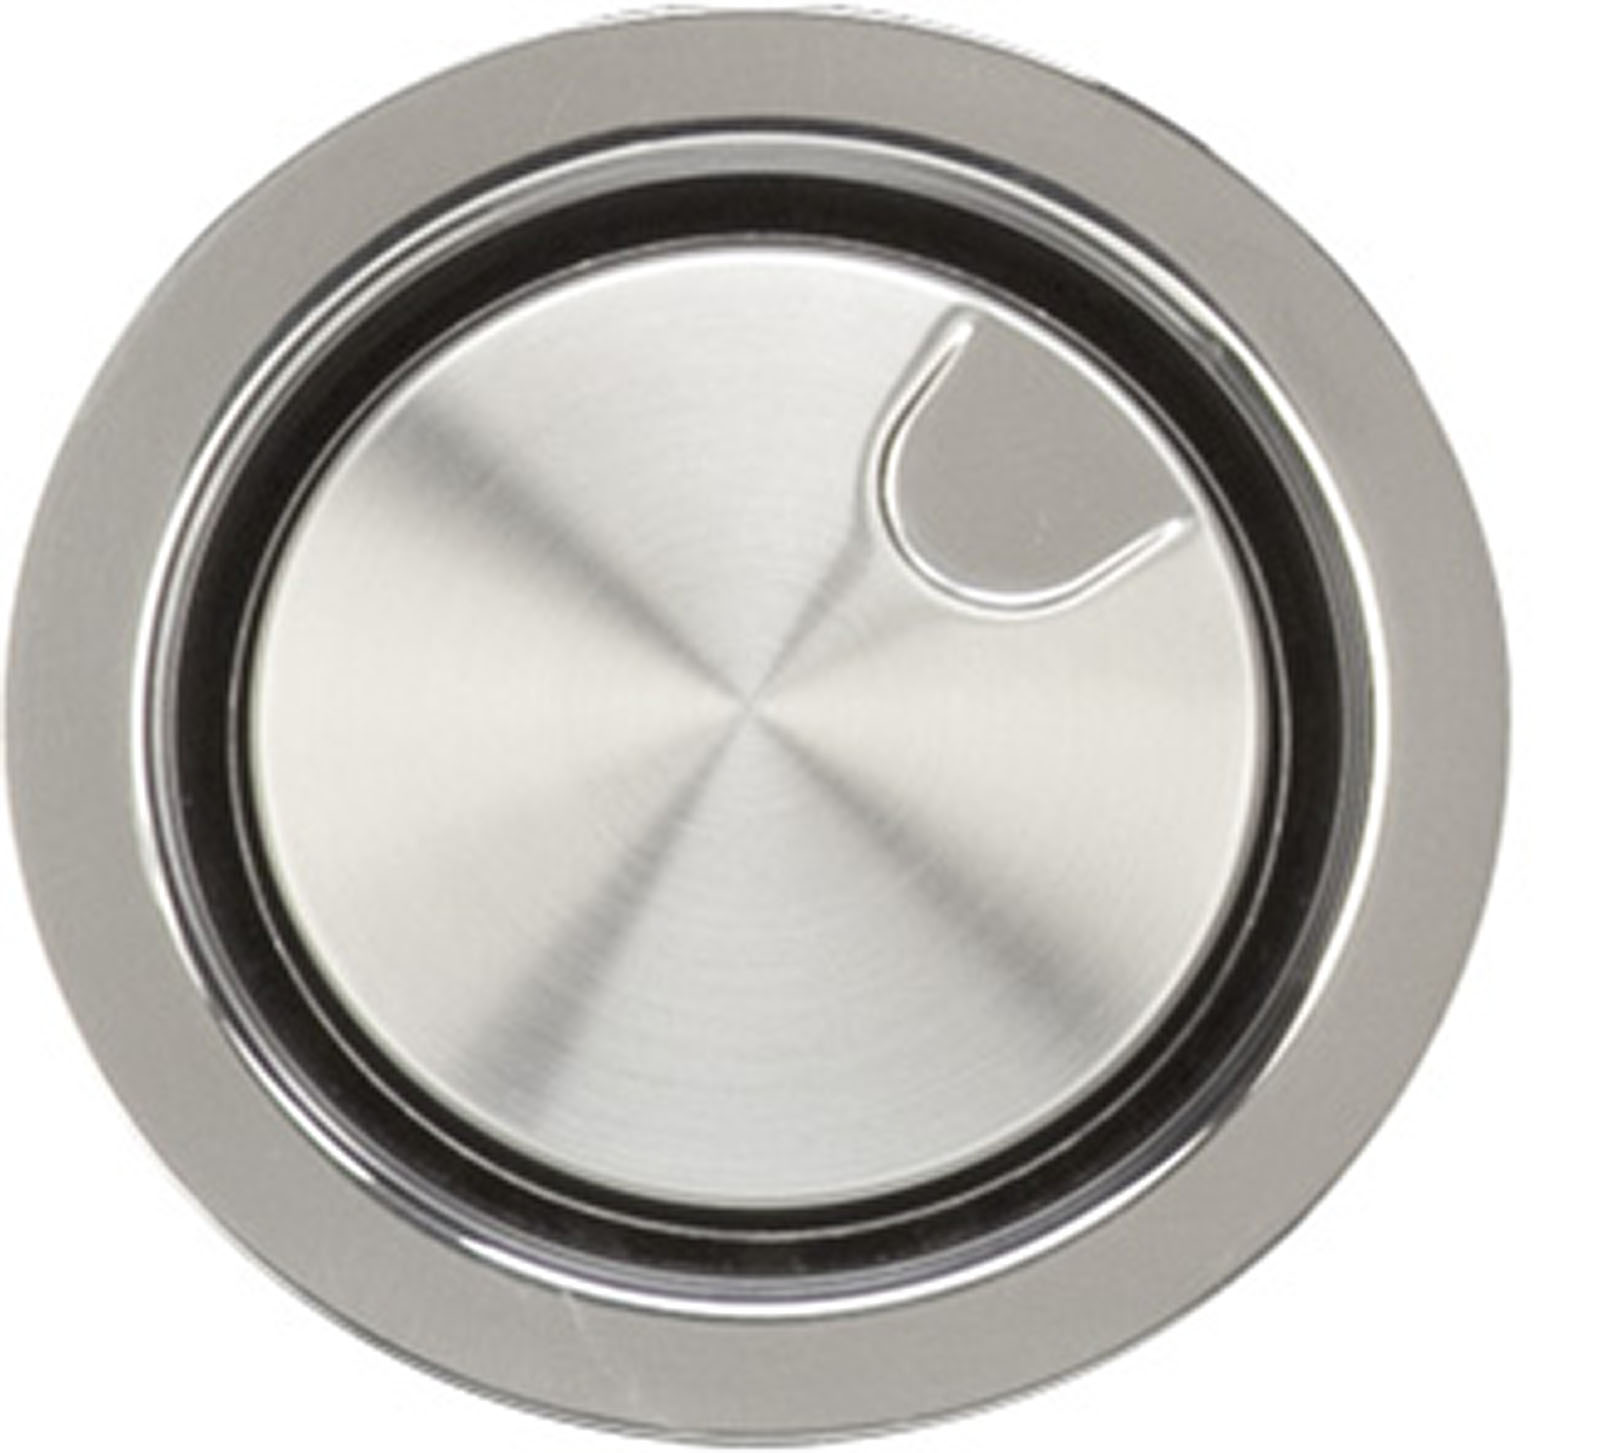 Sinks TELMA kryt odtoku sítkového ventilu